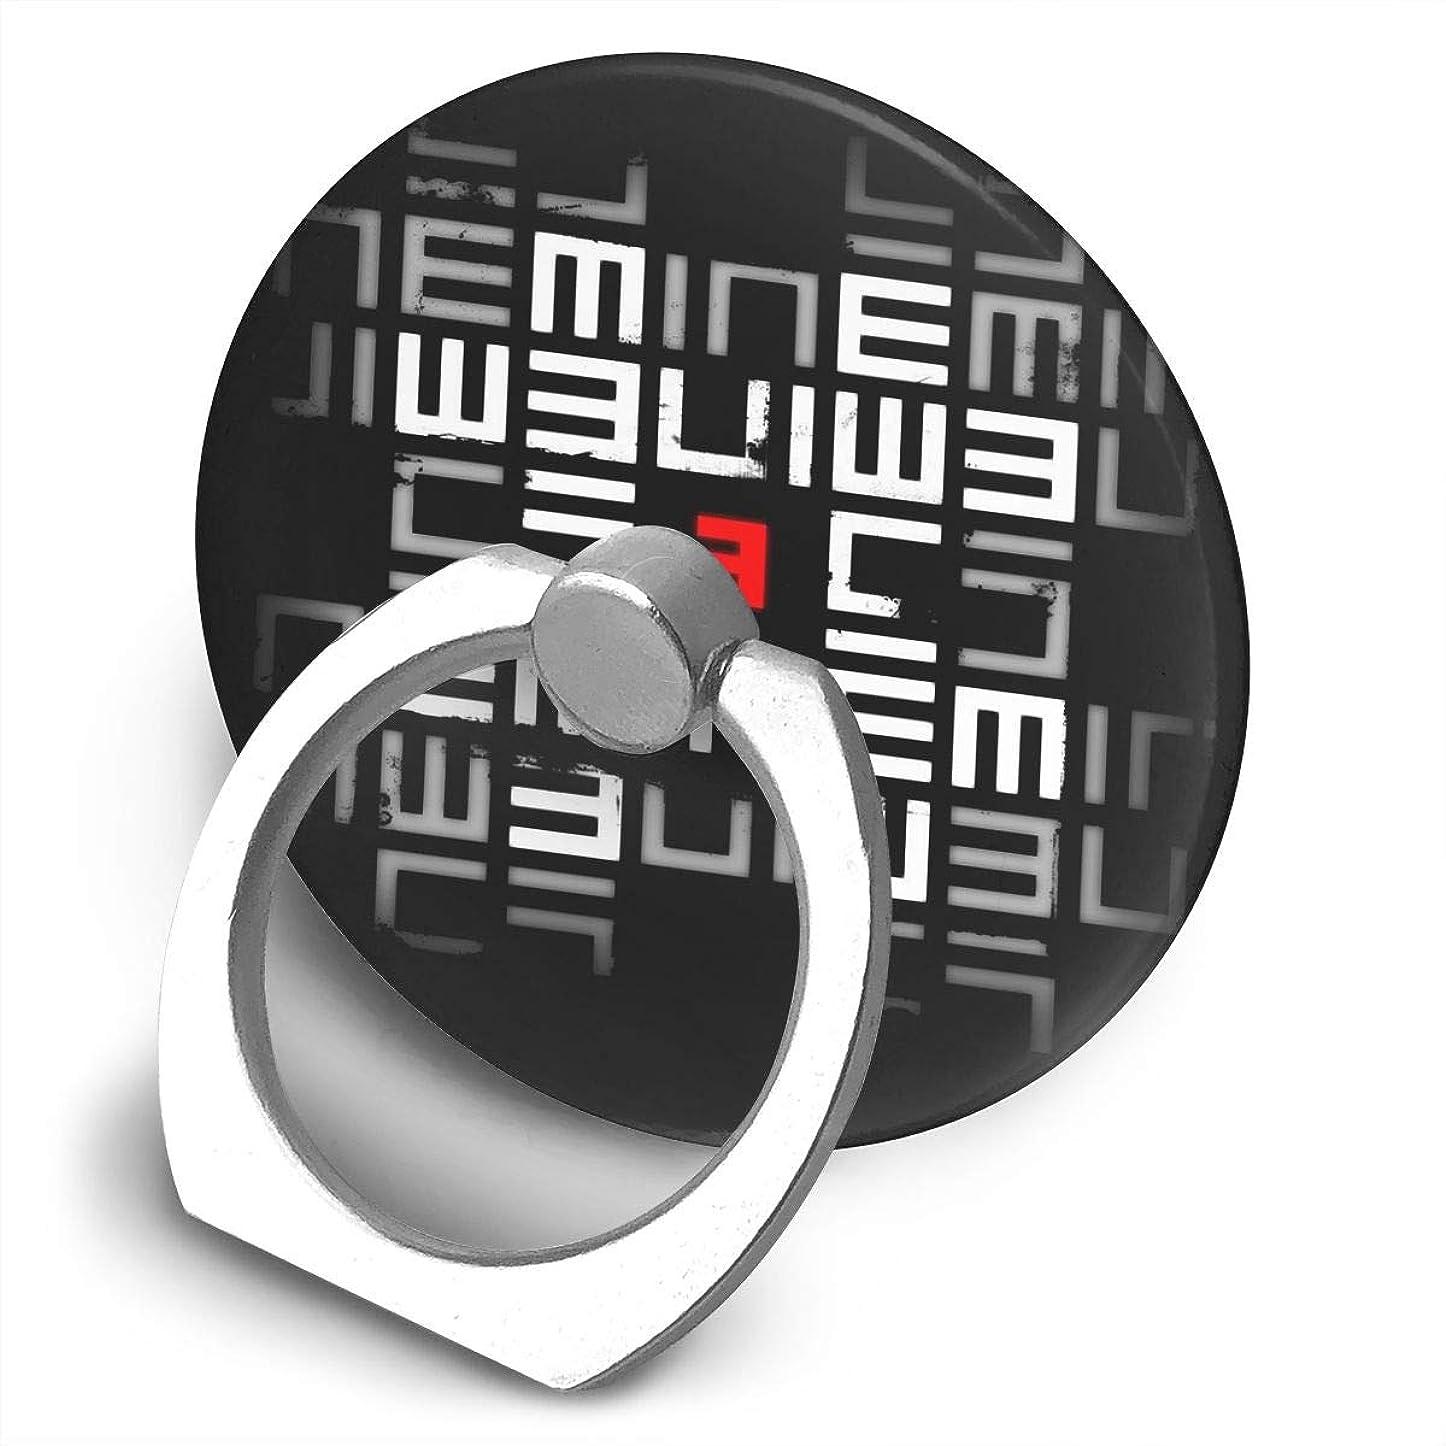 億器官耐えられないEminem プリント スマホリング ホールド リング 丸型 指輪リング 薄型 おしゃれ 落下防止 360° ホルダー 強吸着力 IPhone/Android各種他対応